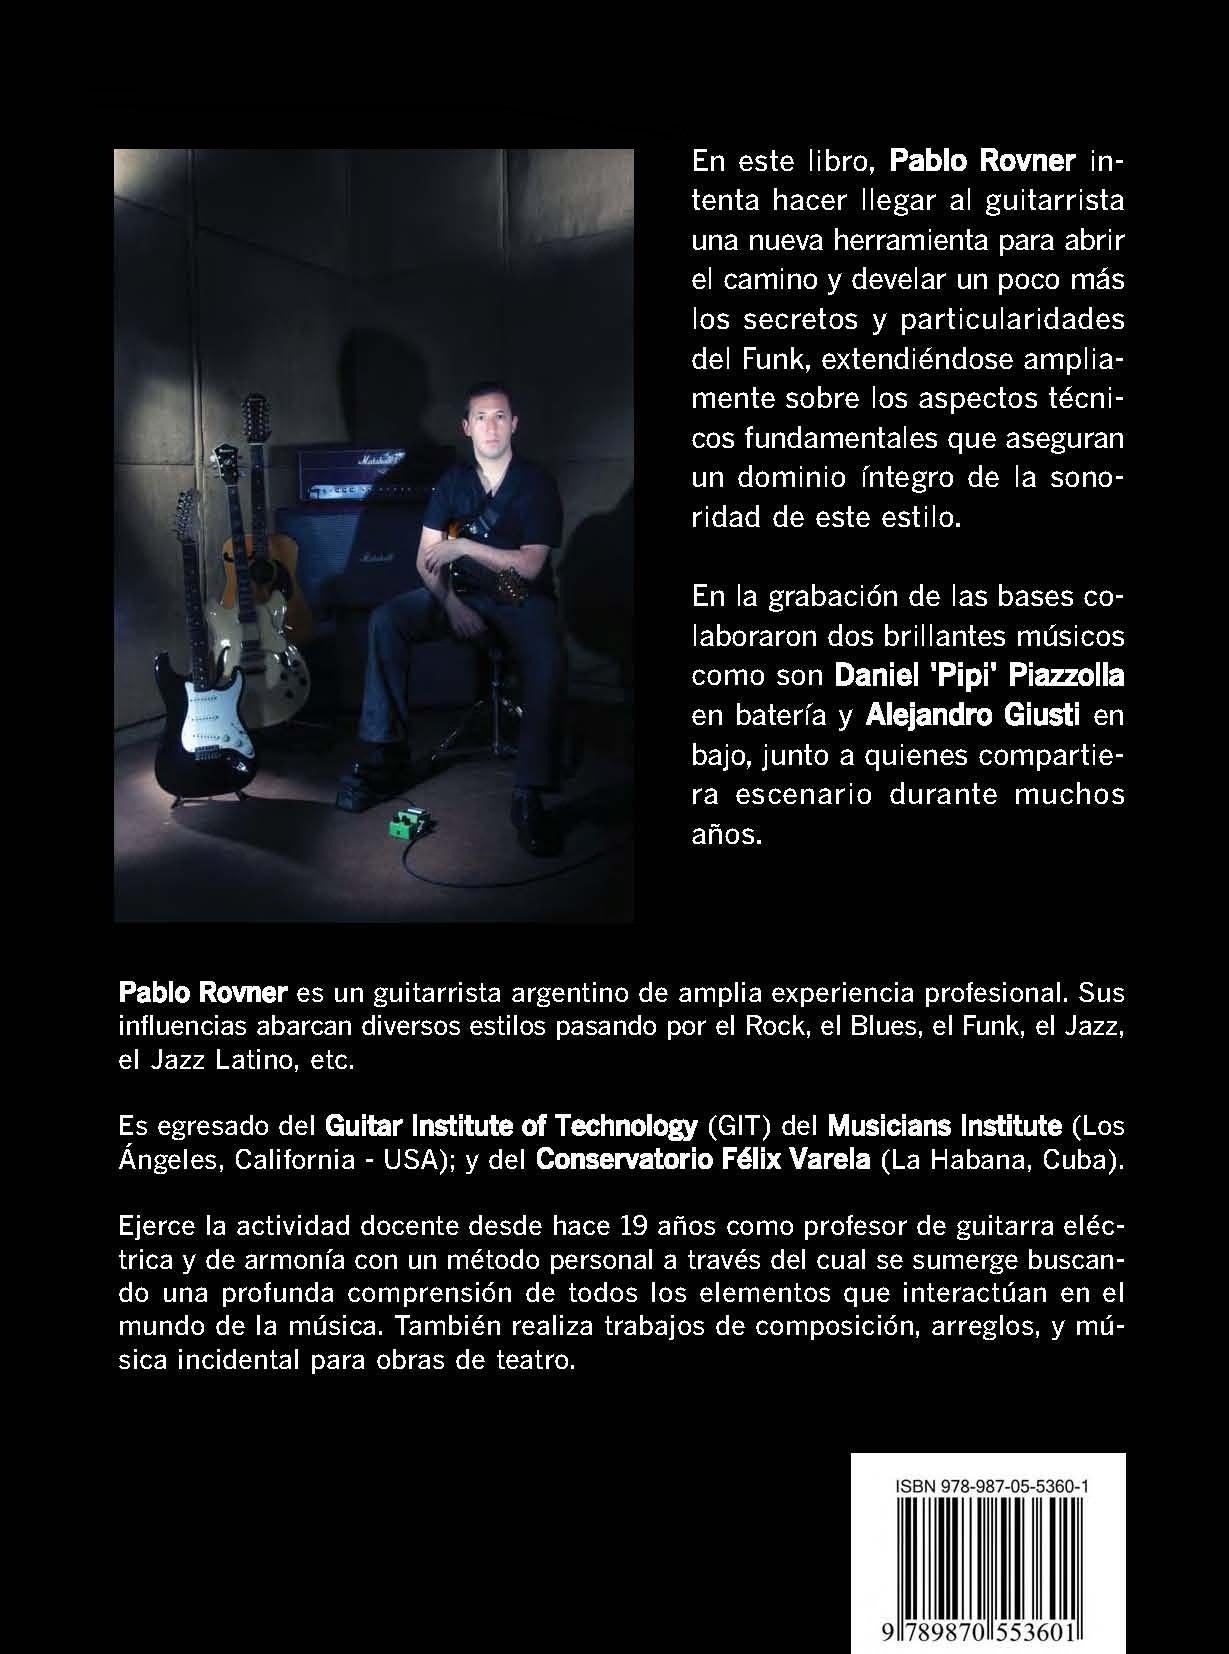 Guitarra Funk Rock (Métodos de Guitarra por Pablo Rovner): Pablo Rovner, Este libro intenta llegar al guitarrista como una nueva herramienta para abrir el ...